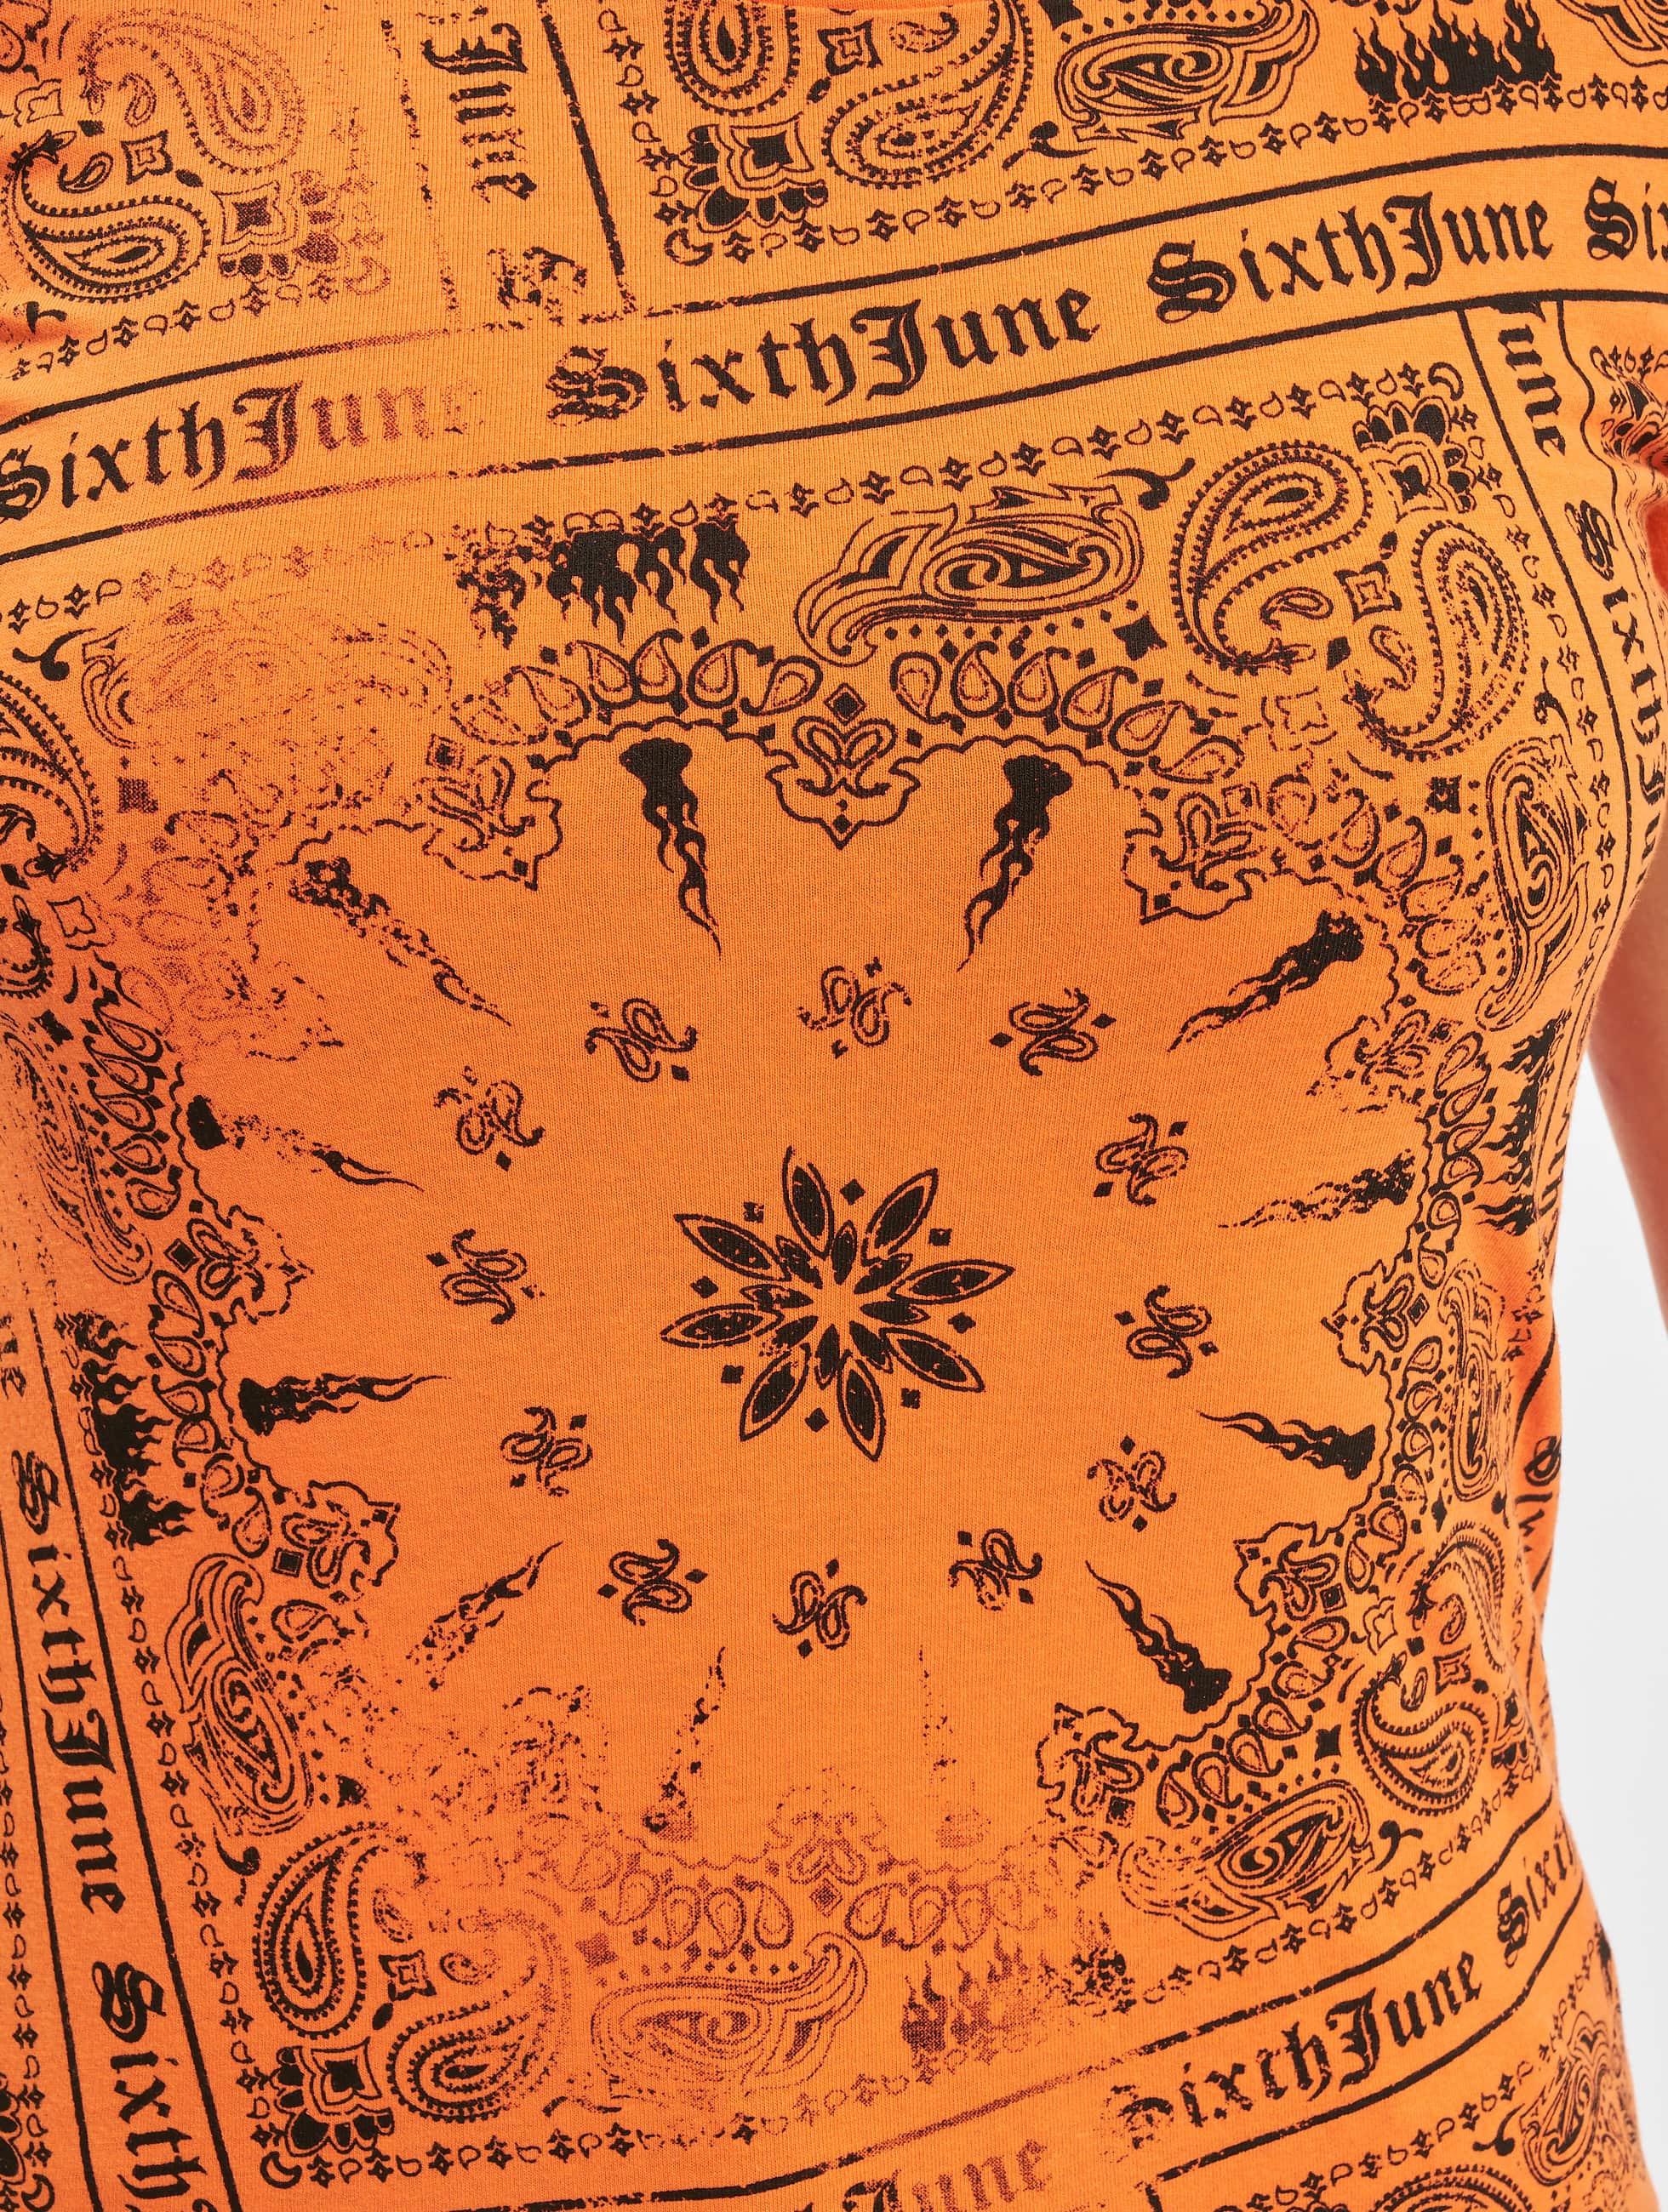 Sixth June Camiseta Emilia naranja